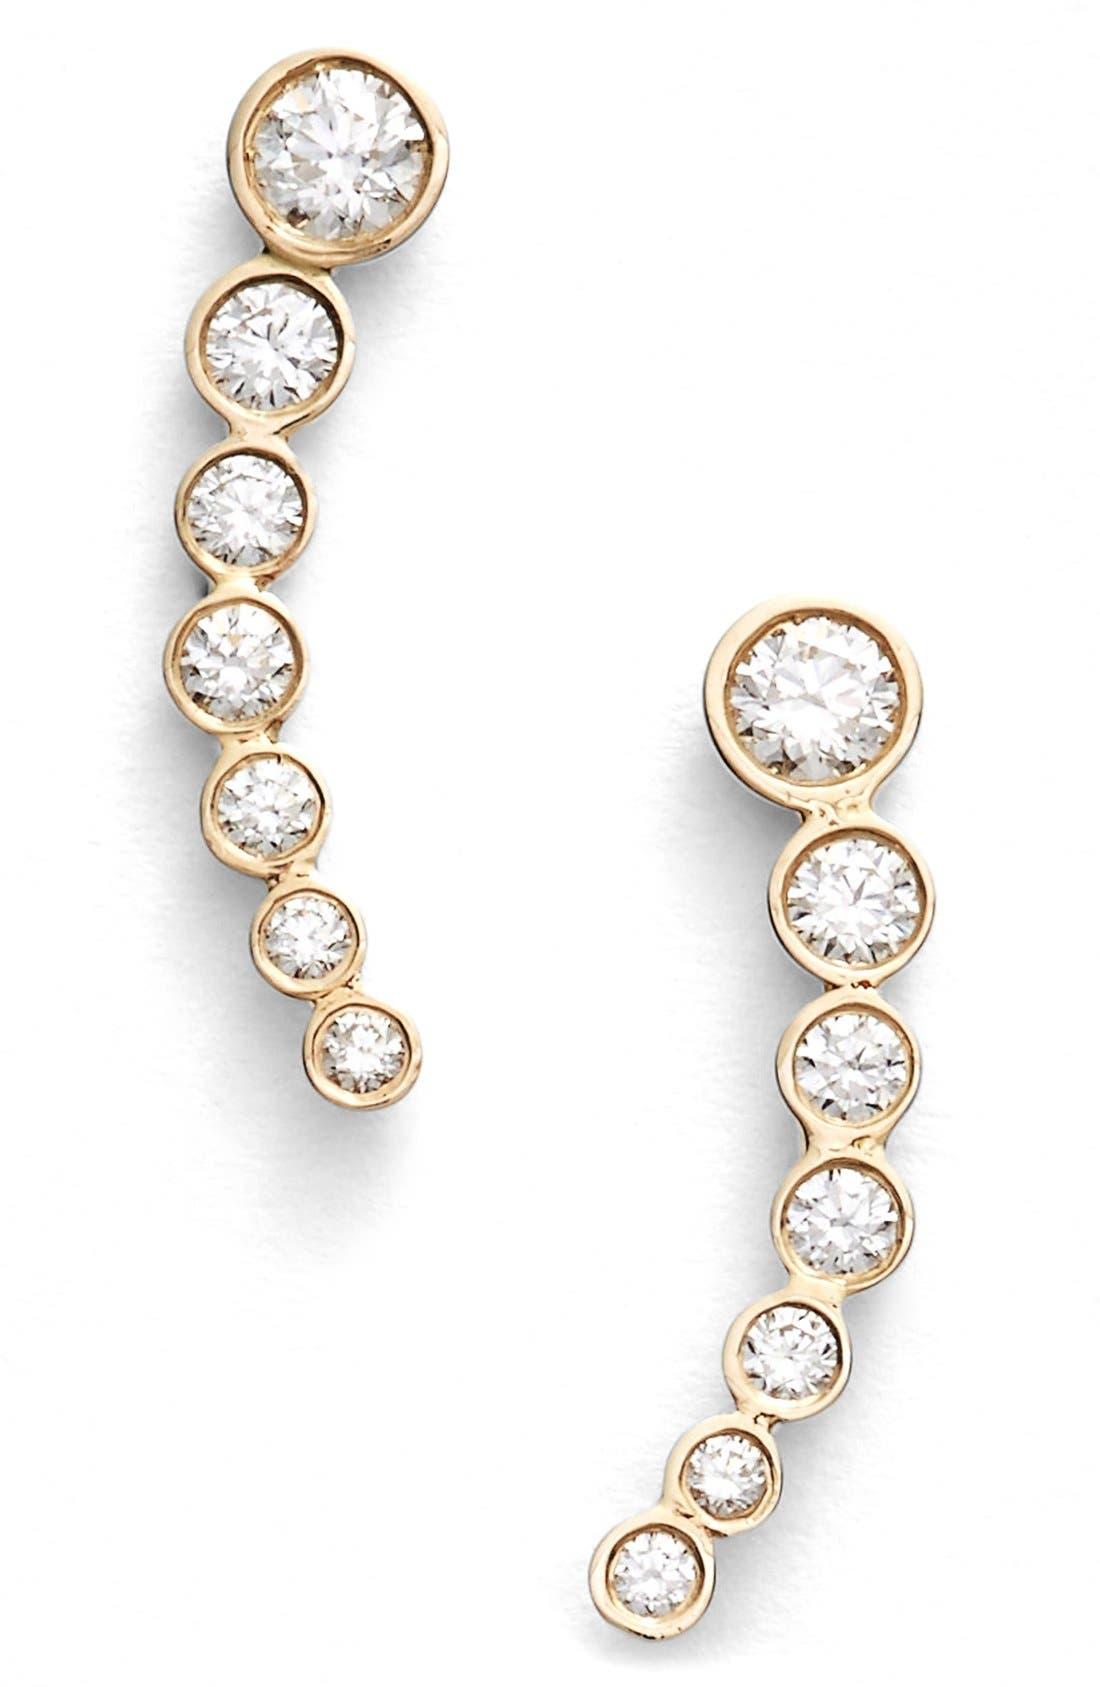 LANA JEWELRY 'Femme Fatale' Stud Earrings